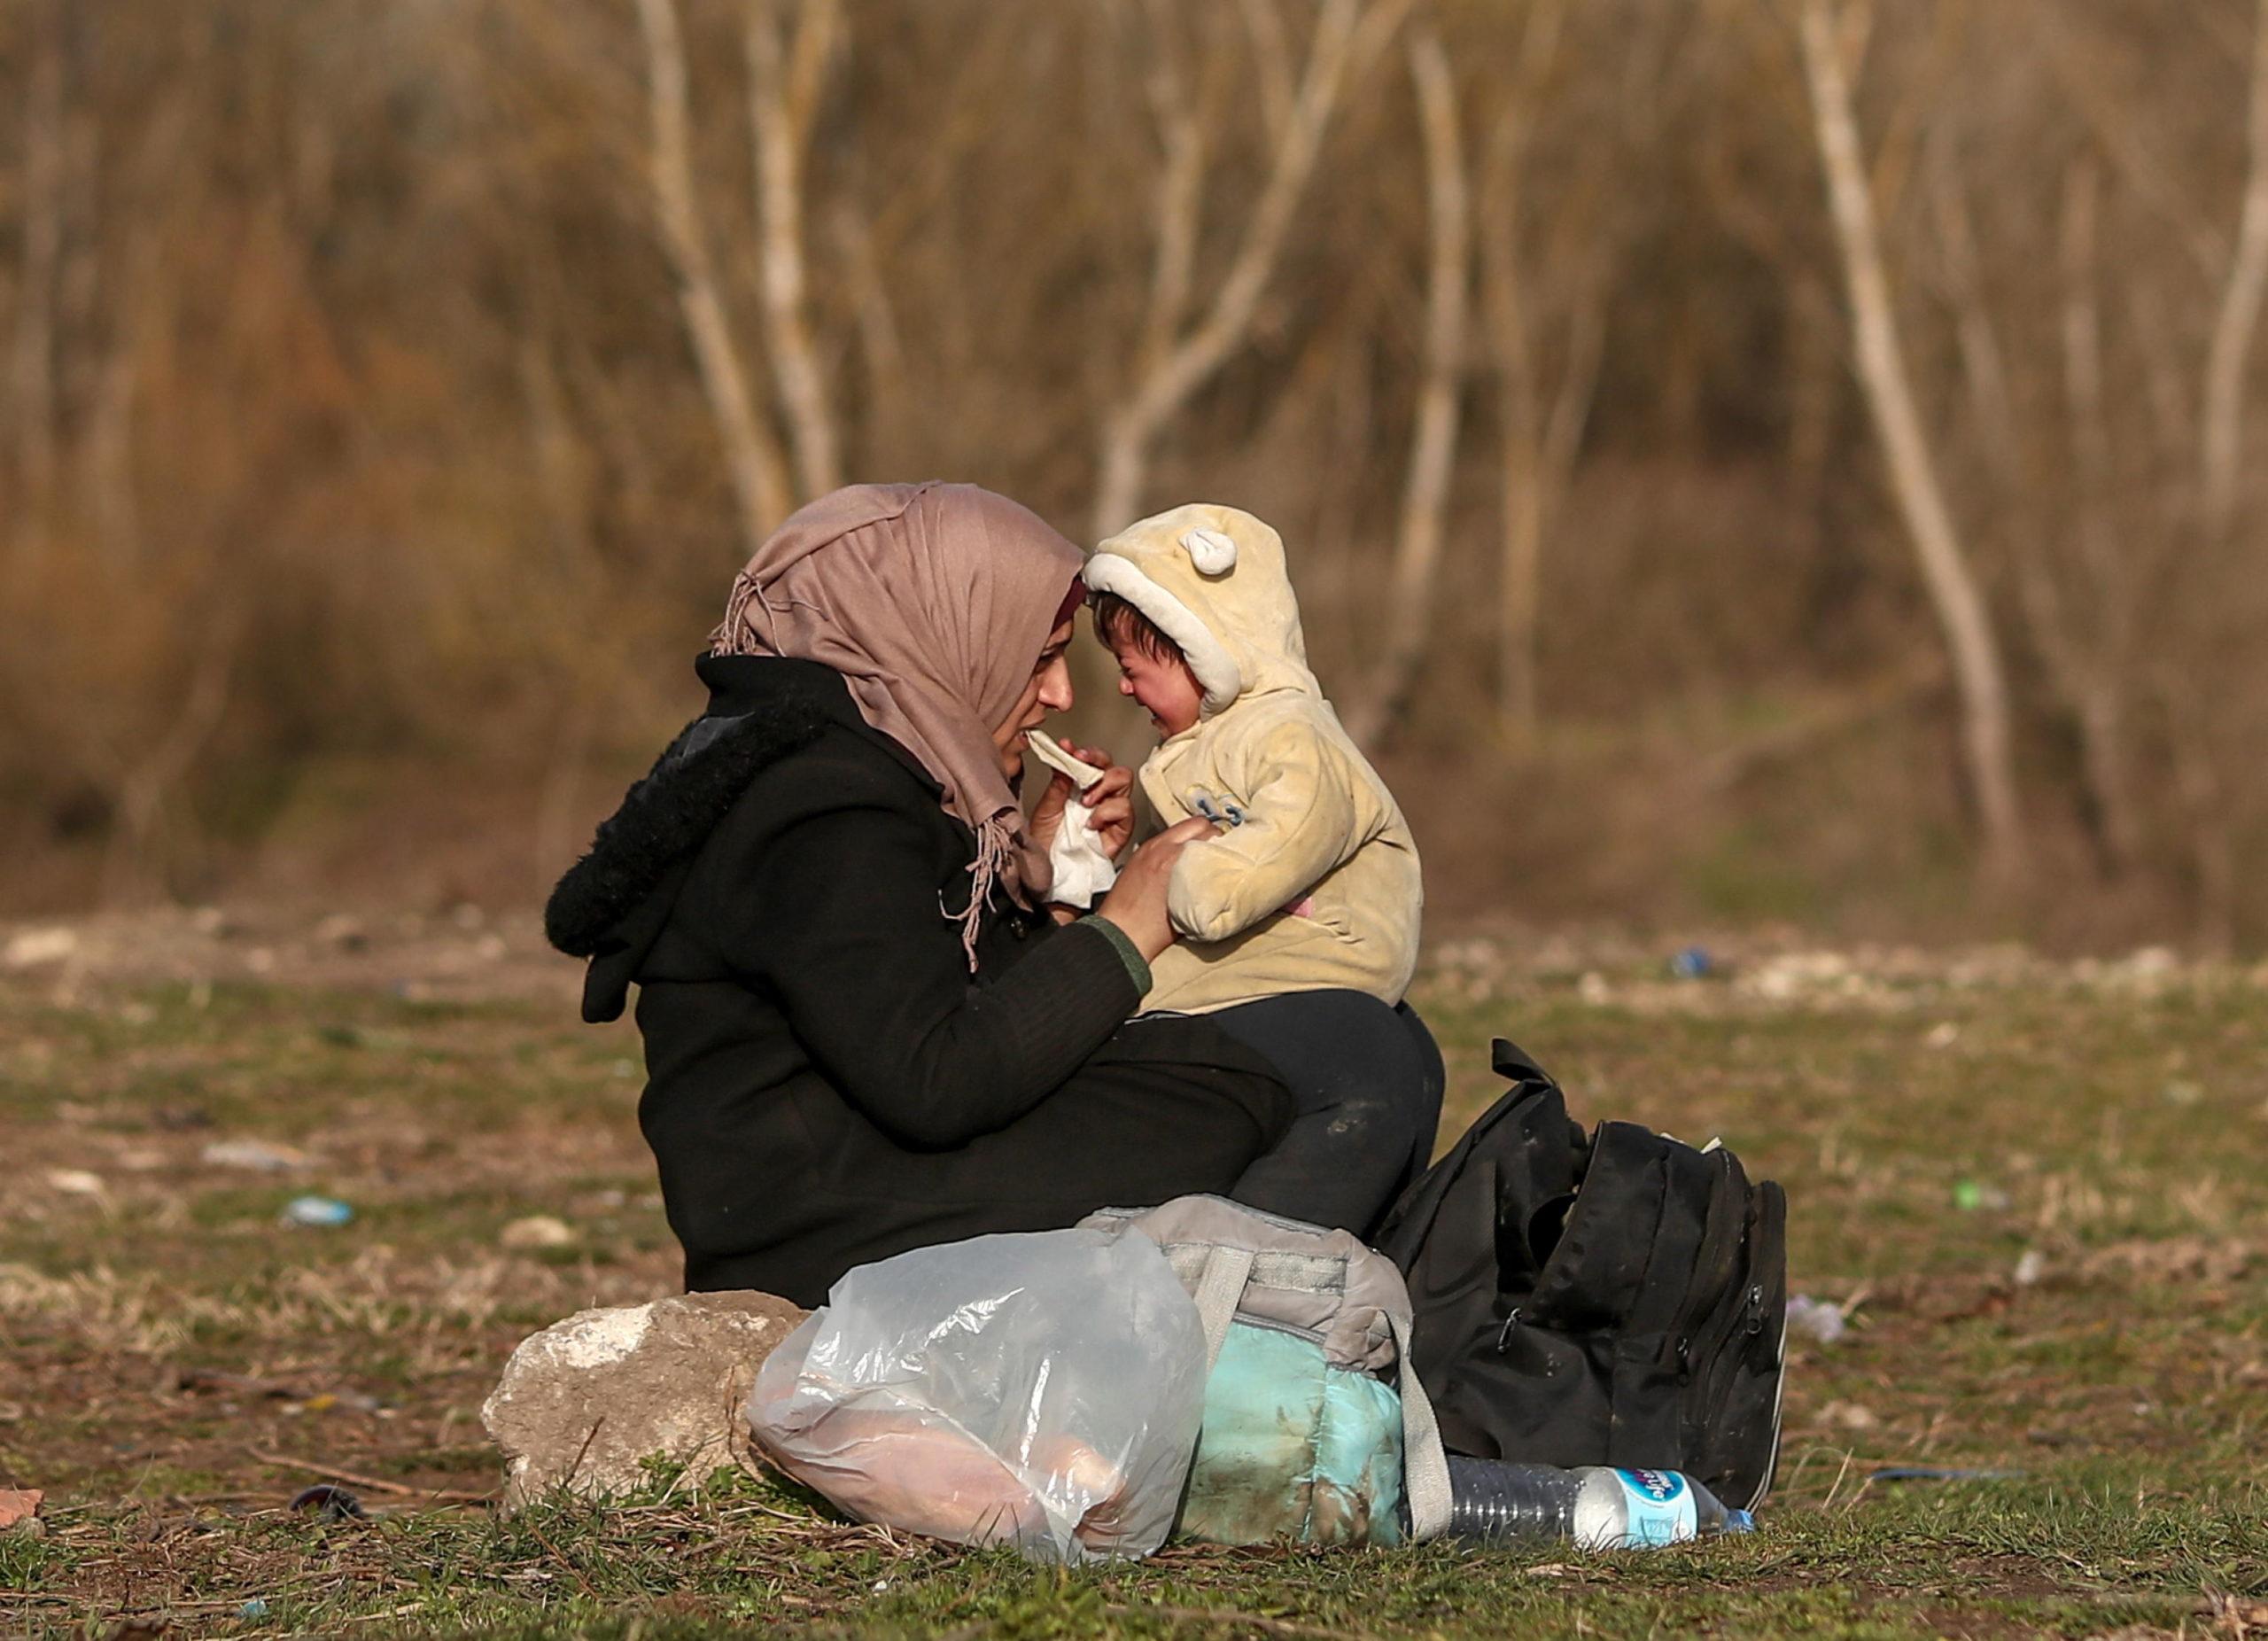 Un bambino in lacrime fissa sua madre negli occhi